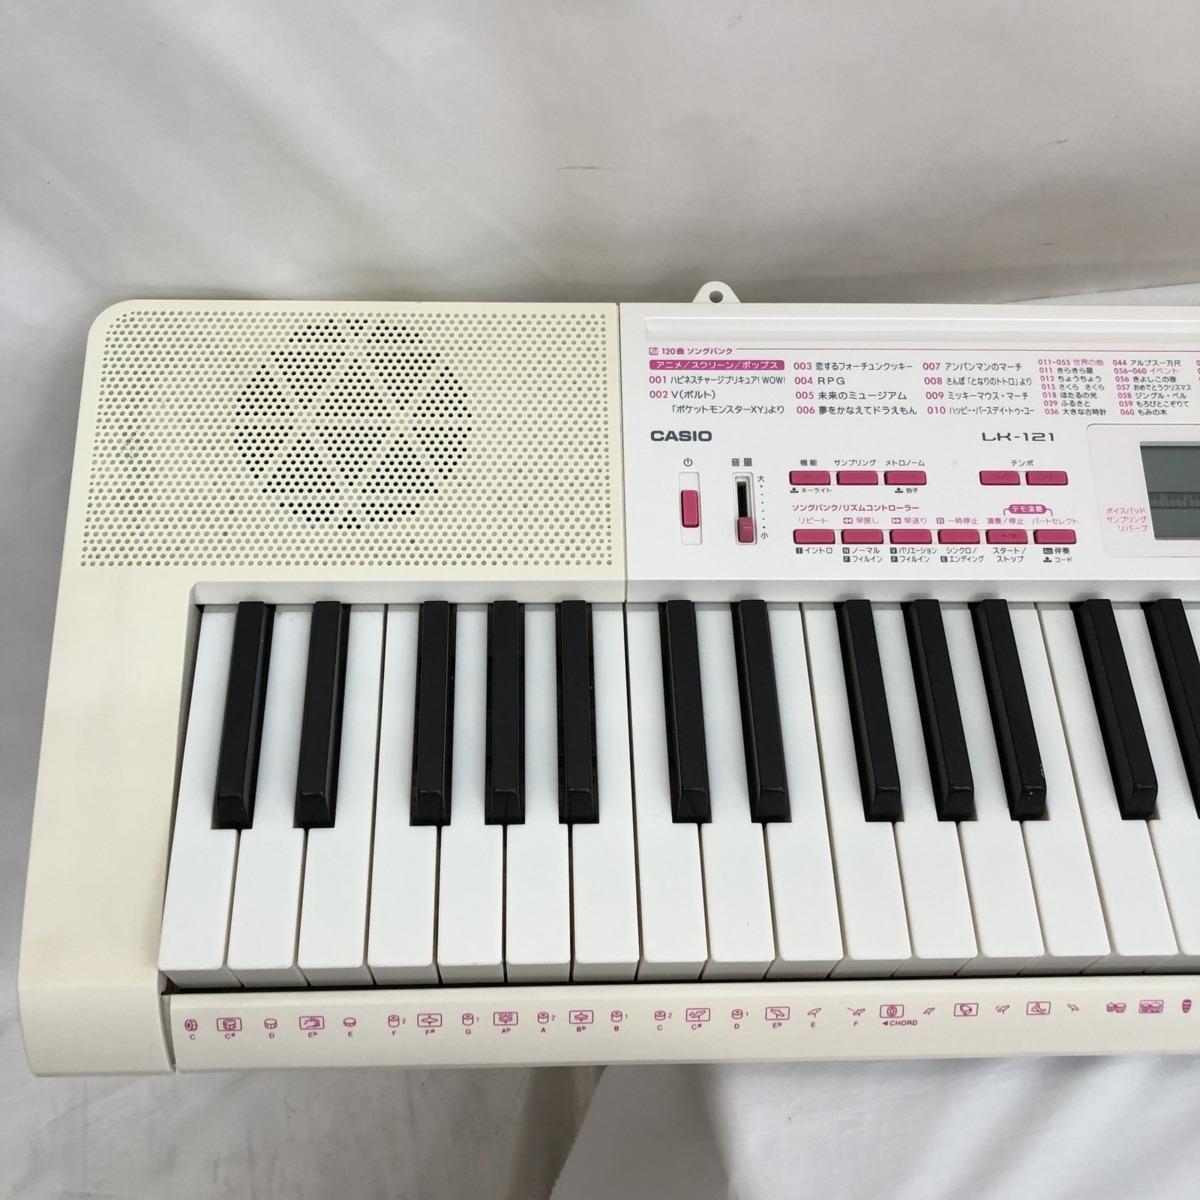 中古 CASIO カシオ 電子キーボード 光ナビゲーション LK-121 61鍵盤 電子ピアノ ホワイト ピンク 鍵盤楽器 アダプター付き H15423_画像5